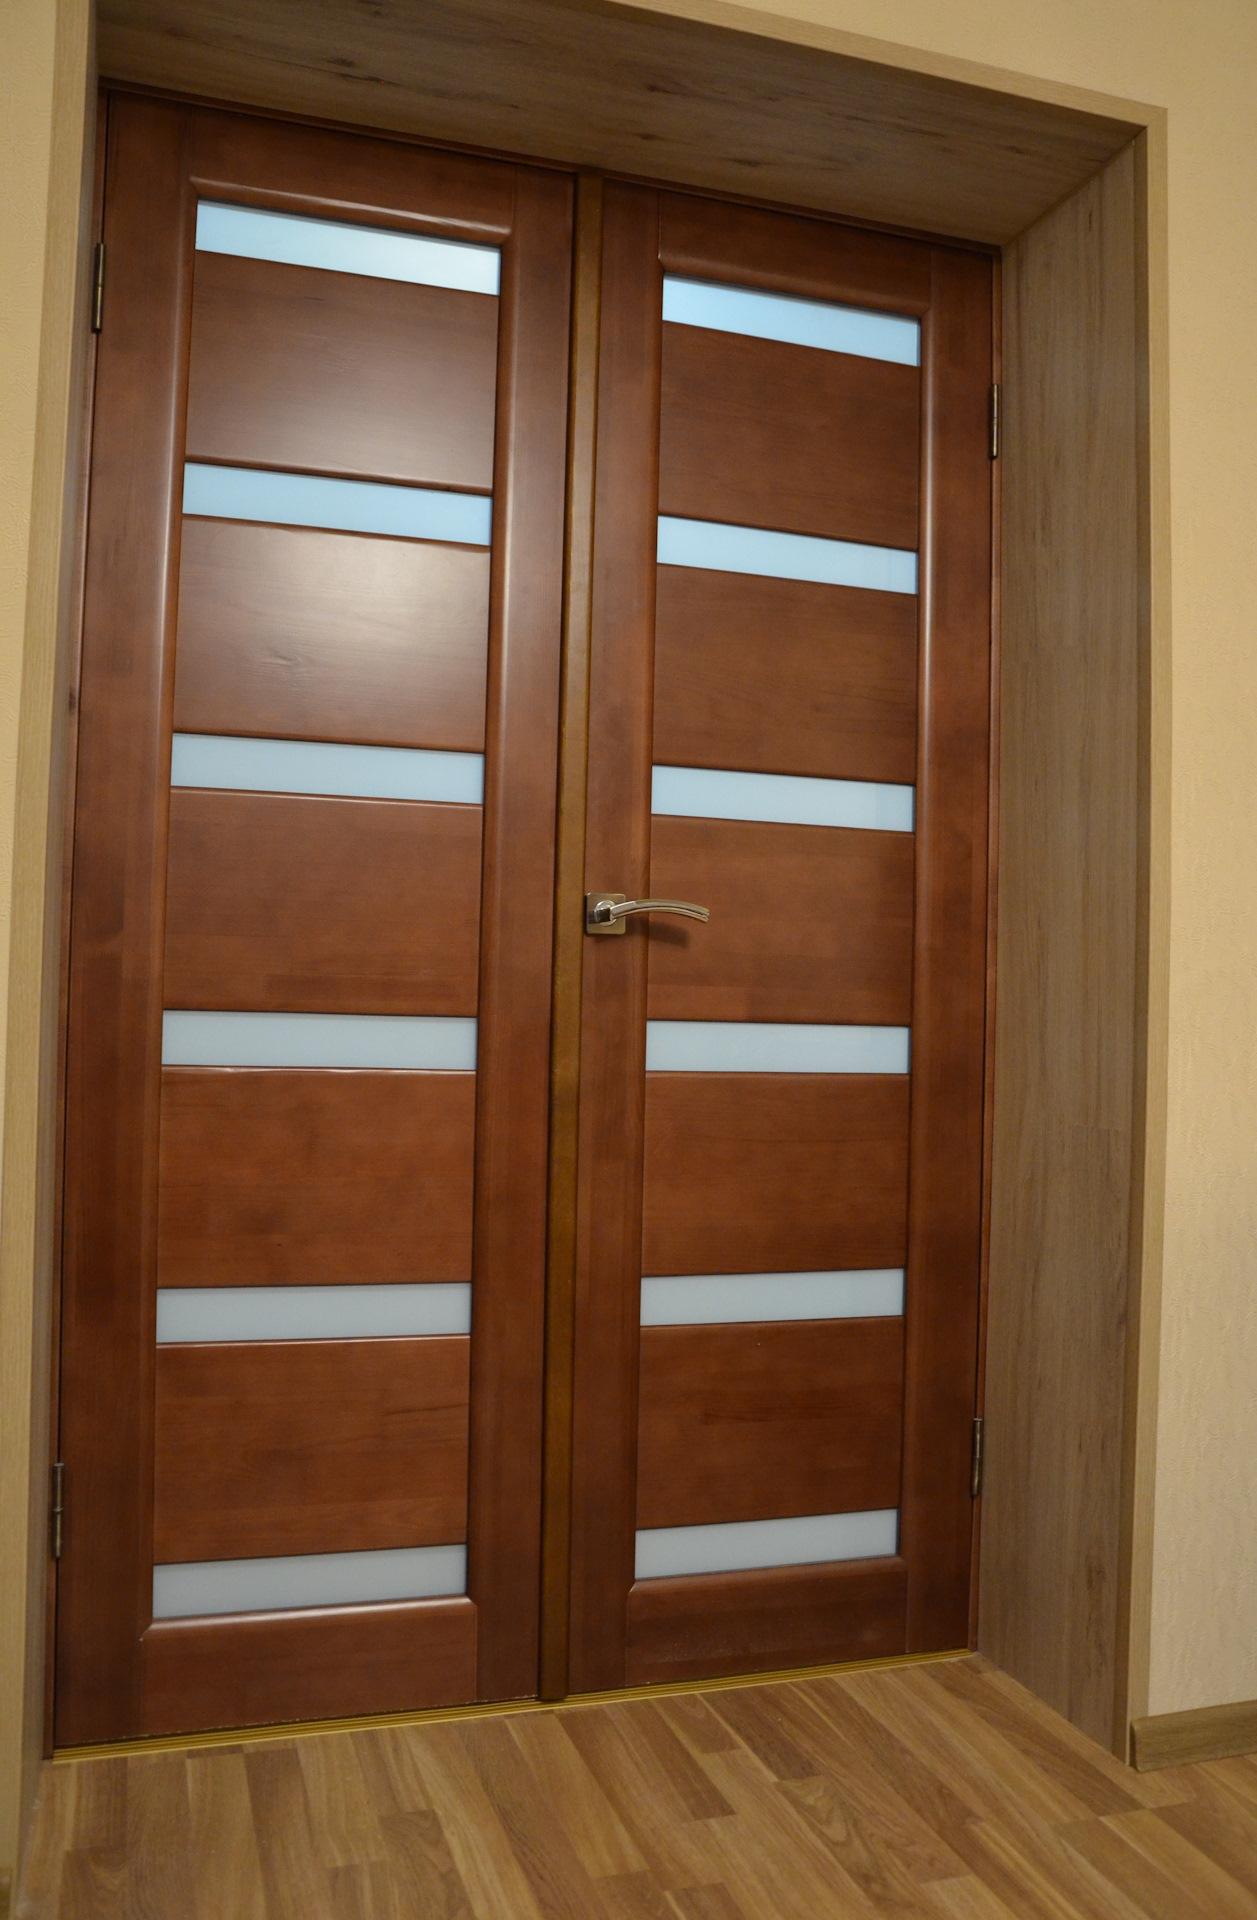 как межкомнатные двери отделать панелями с фото признавался